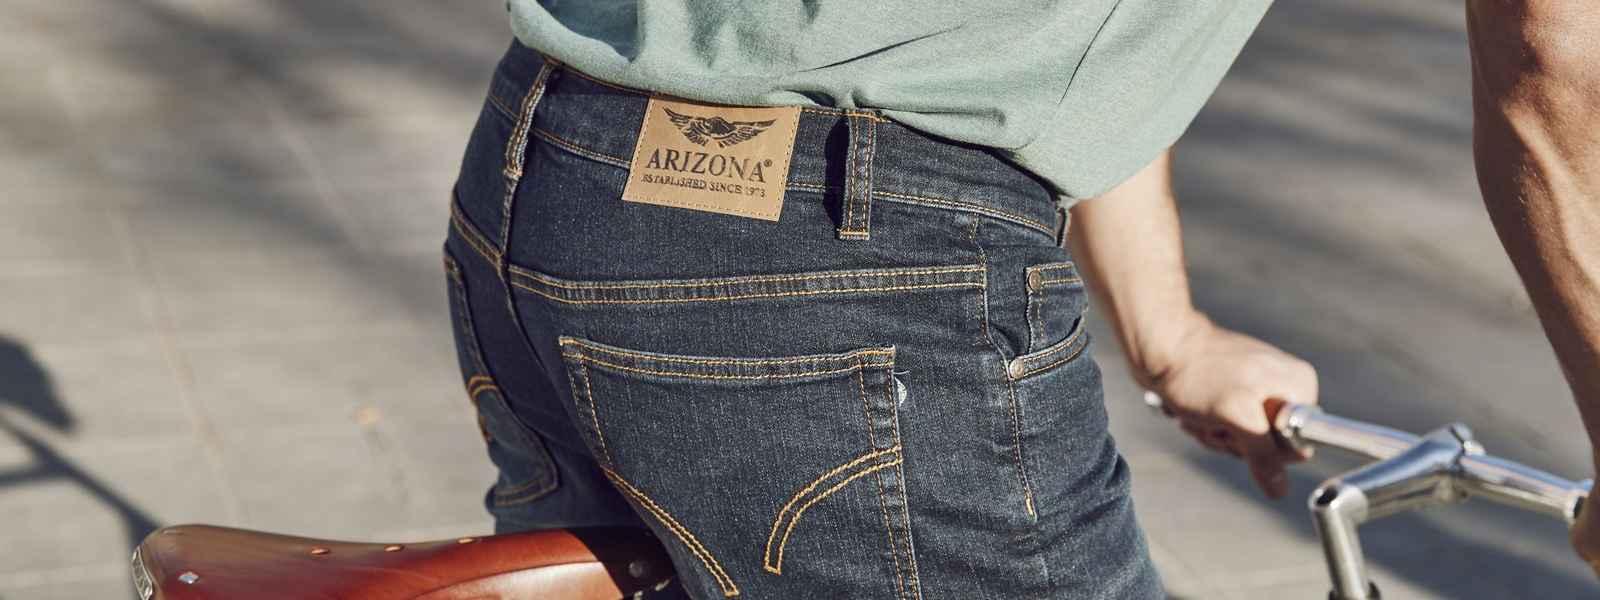 Herren Jeans in großen Größen